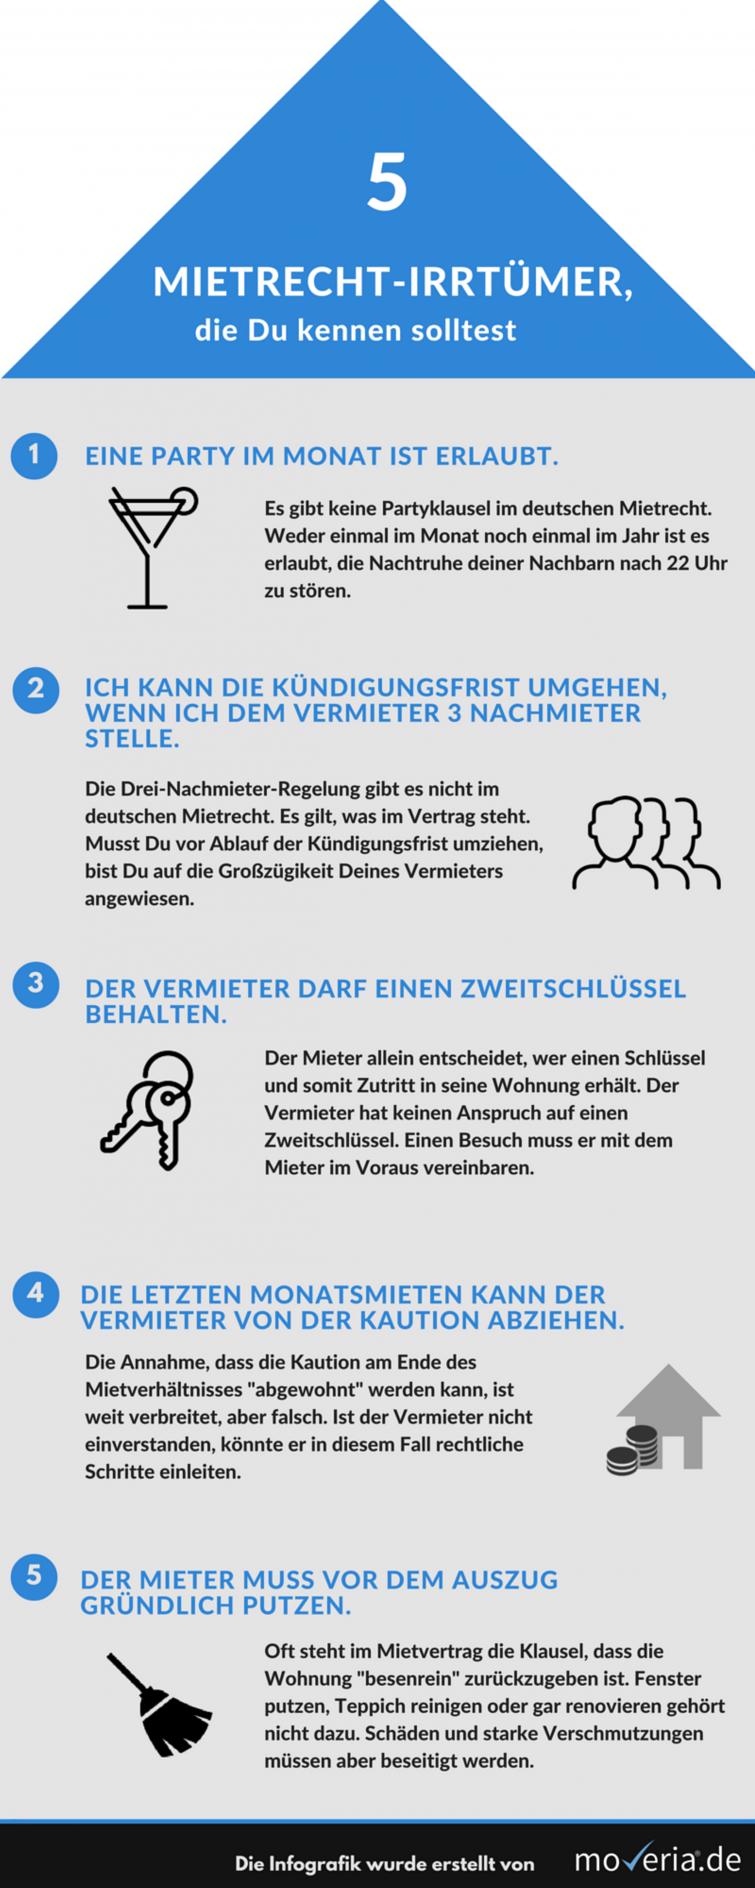 Mietrecht In Deutschland Die 5 Größten Irrtümer